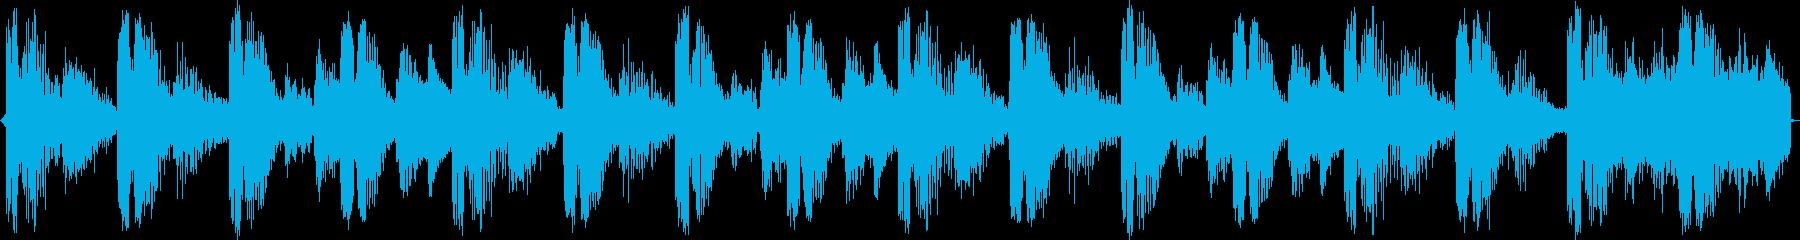 少し大人っぽい雰囲気の4小節ループの再生済みの波形